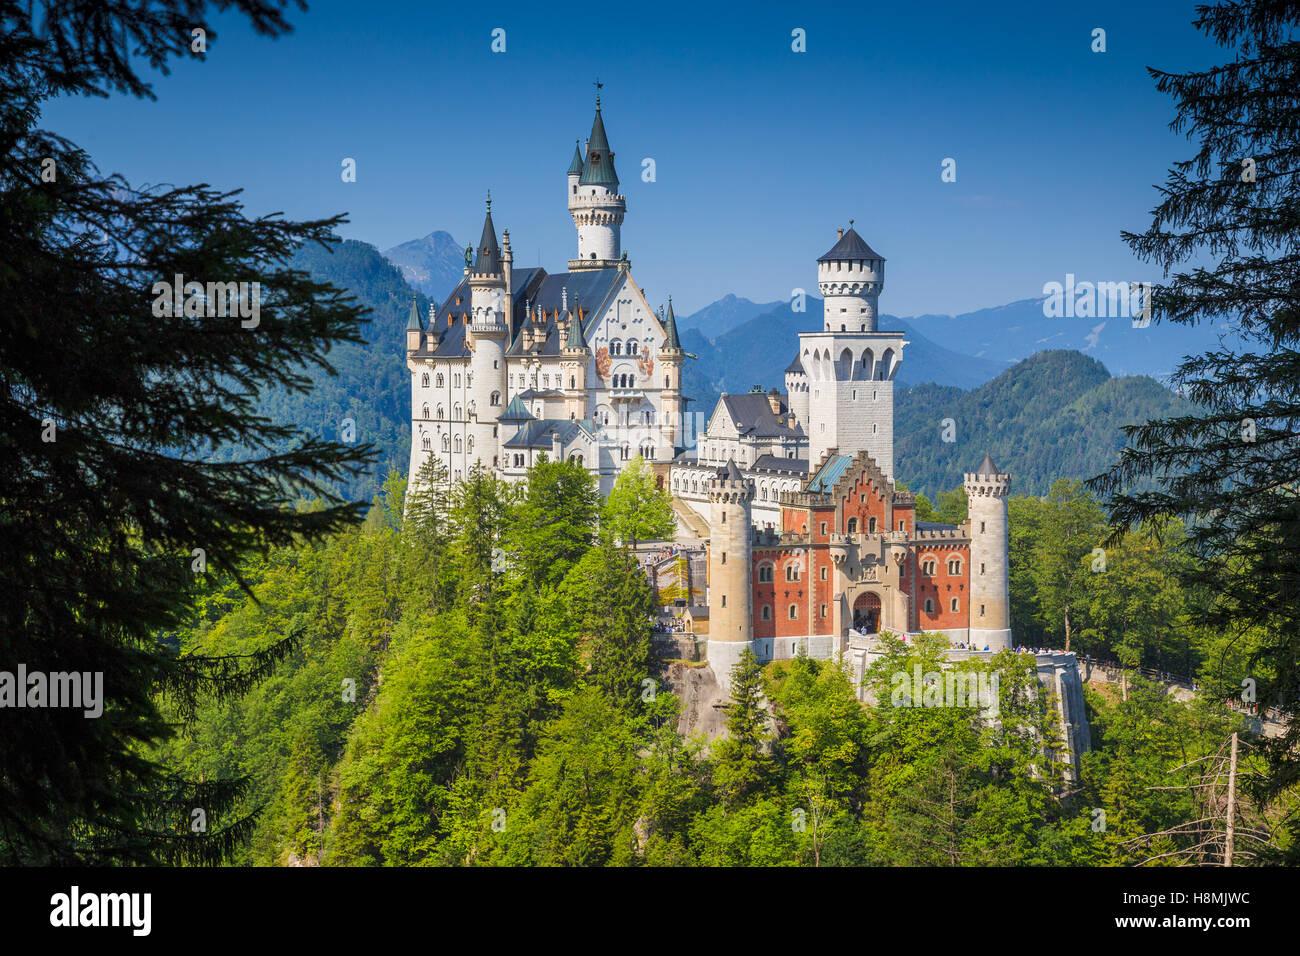 Vista clásica del mundialmente famoso Castillo de Neuschwanstein, uno de los castillos más visitados de Imagen De Stock